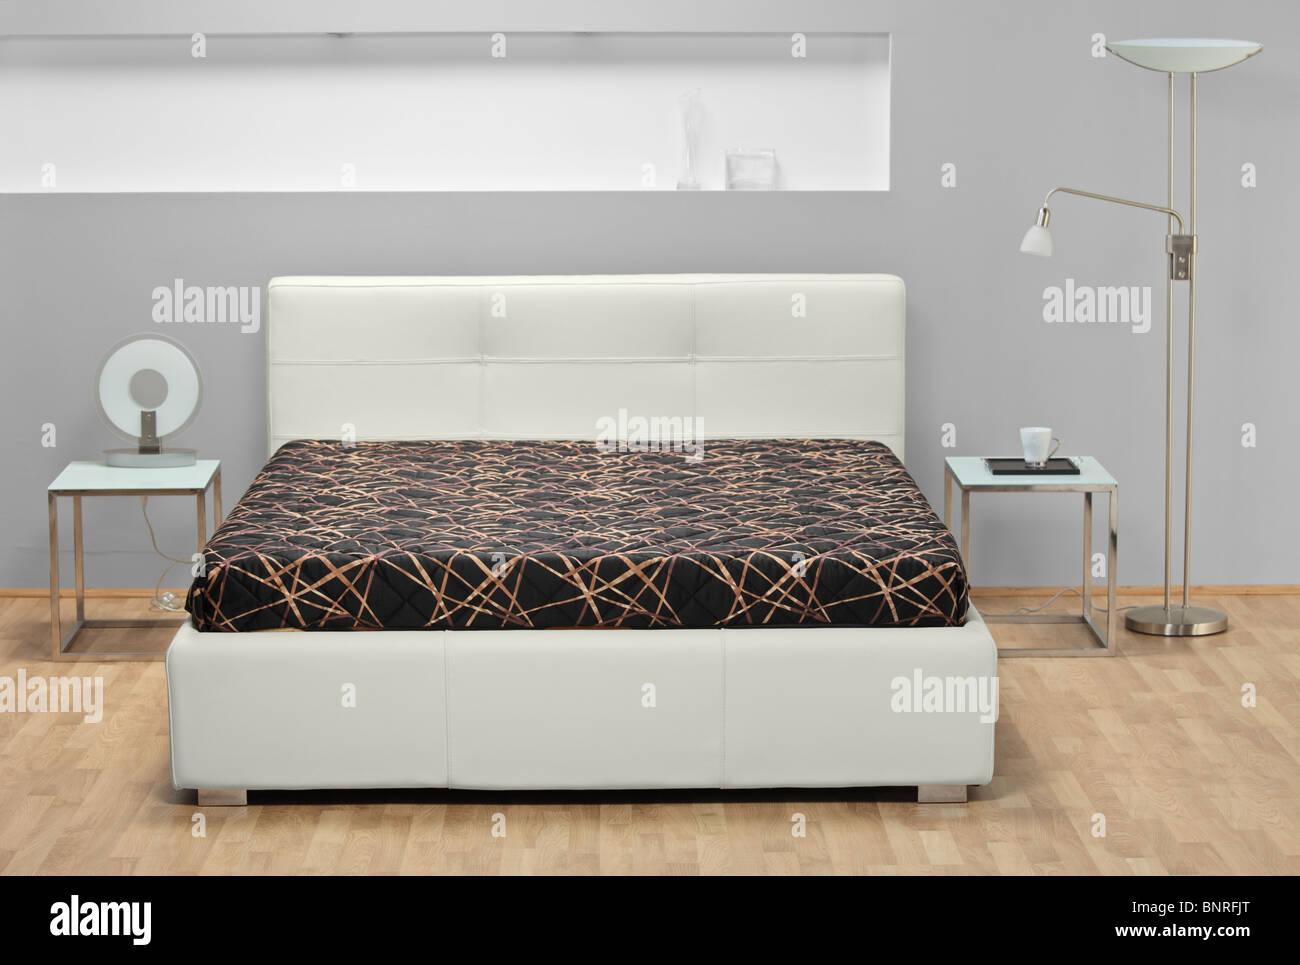 Comfort immagini comfort fotos stock alamy - Descrizione di una camera da letto ...